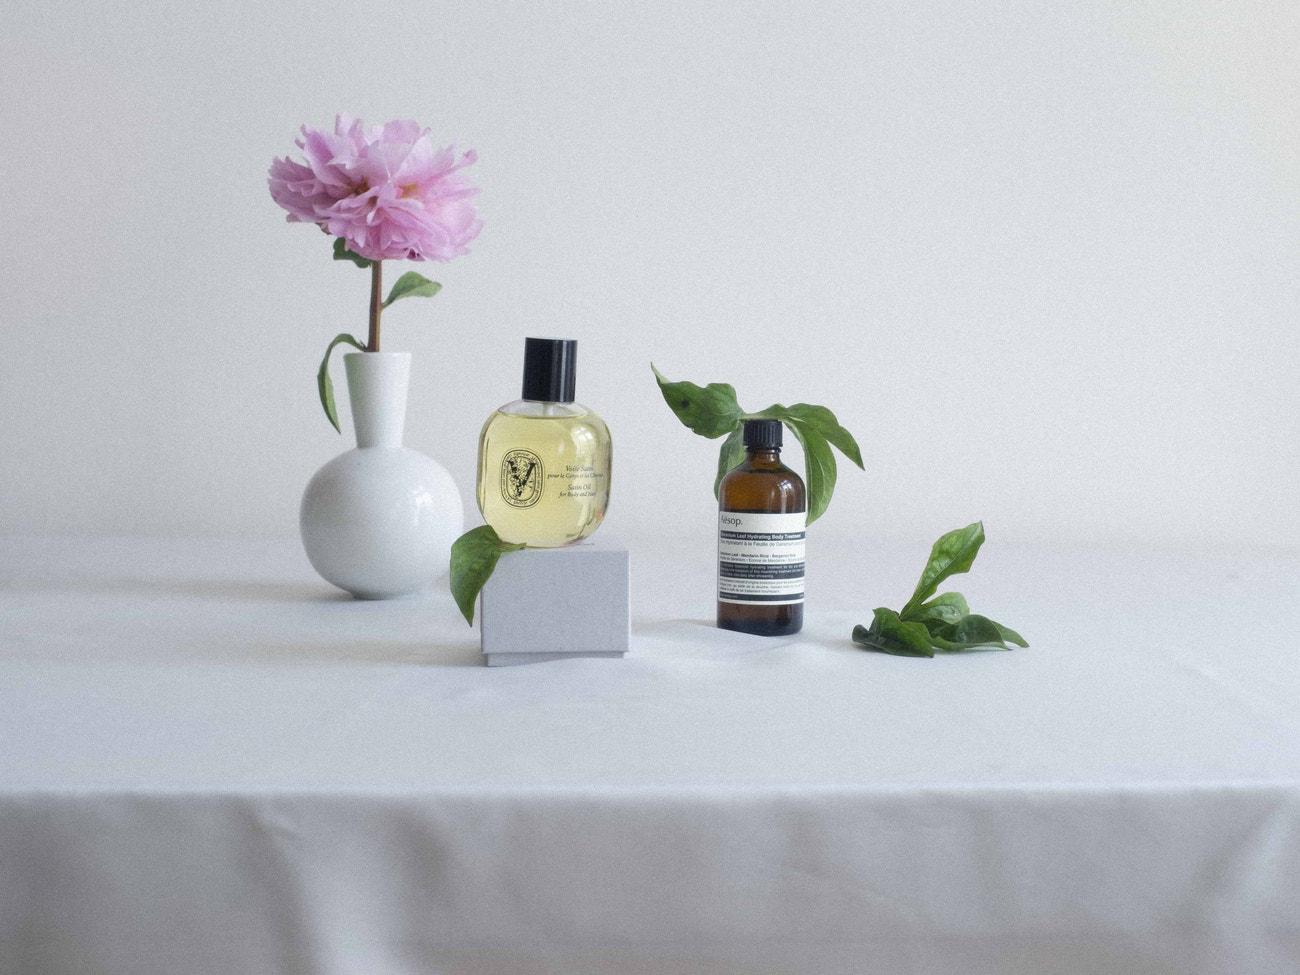 Tělový olej Satin Oil, DIPTYQUE, prodává Ingredients, 1250 Kč; tělový olej Geranium Leaf Body Treatment, AESOP, prodává Ingredients, 750 Kč